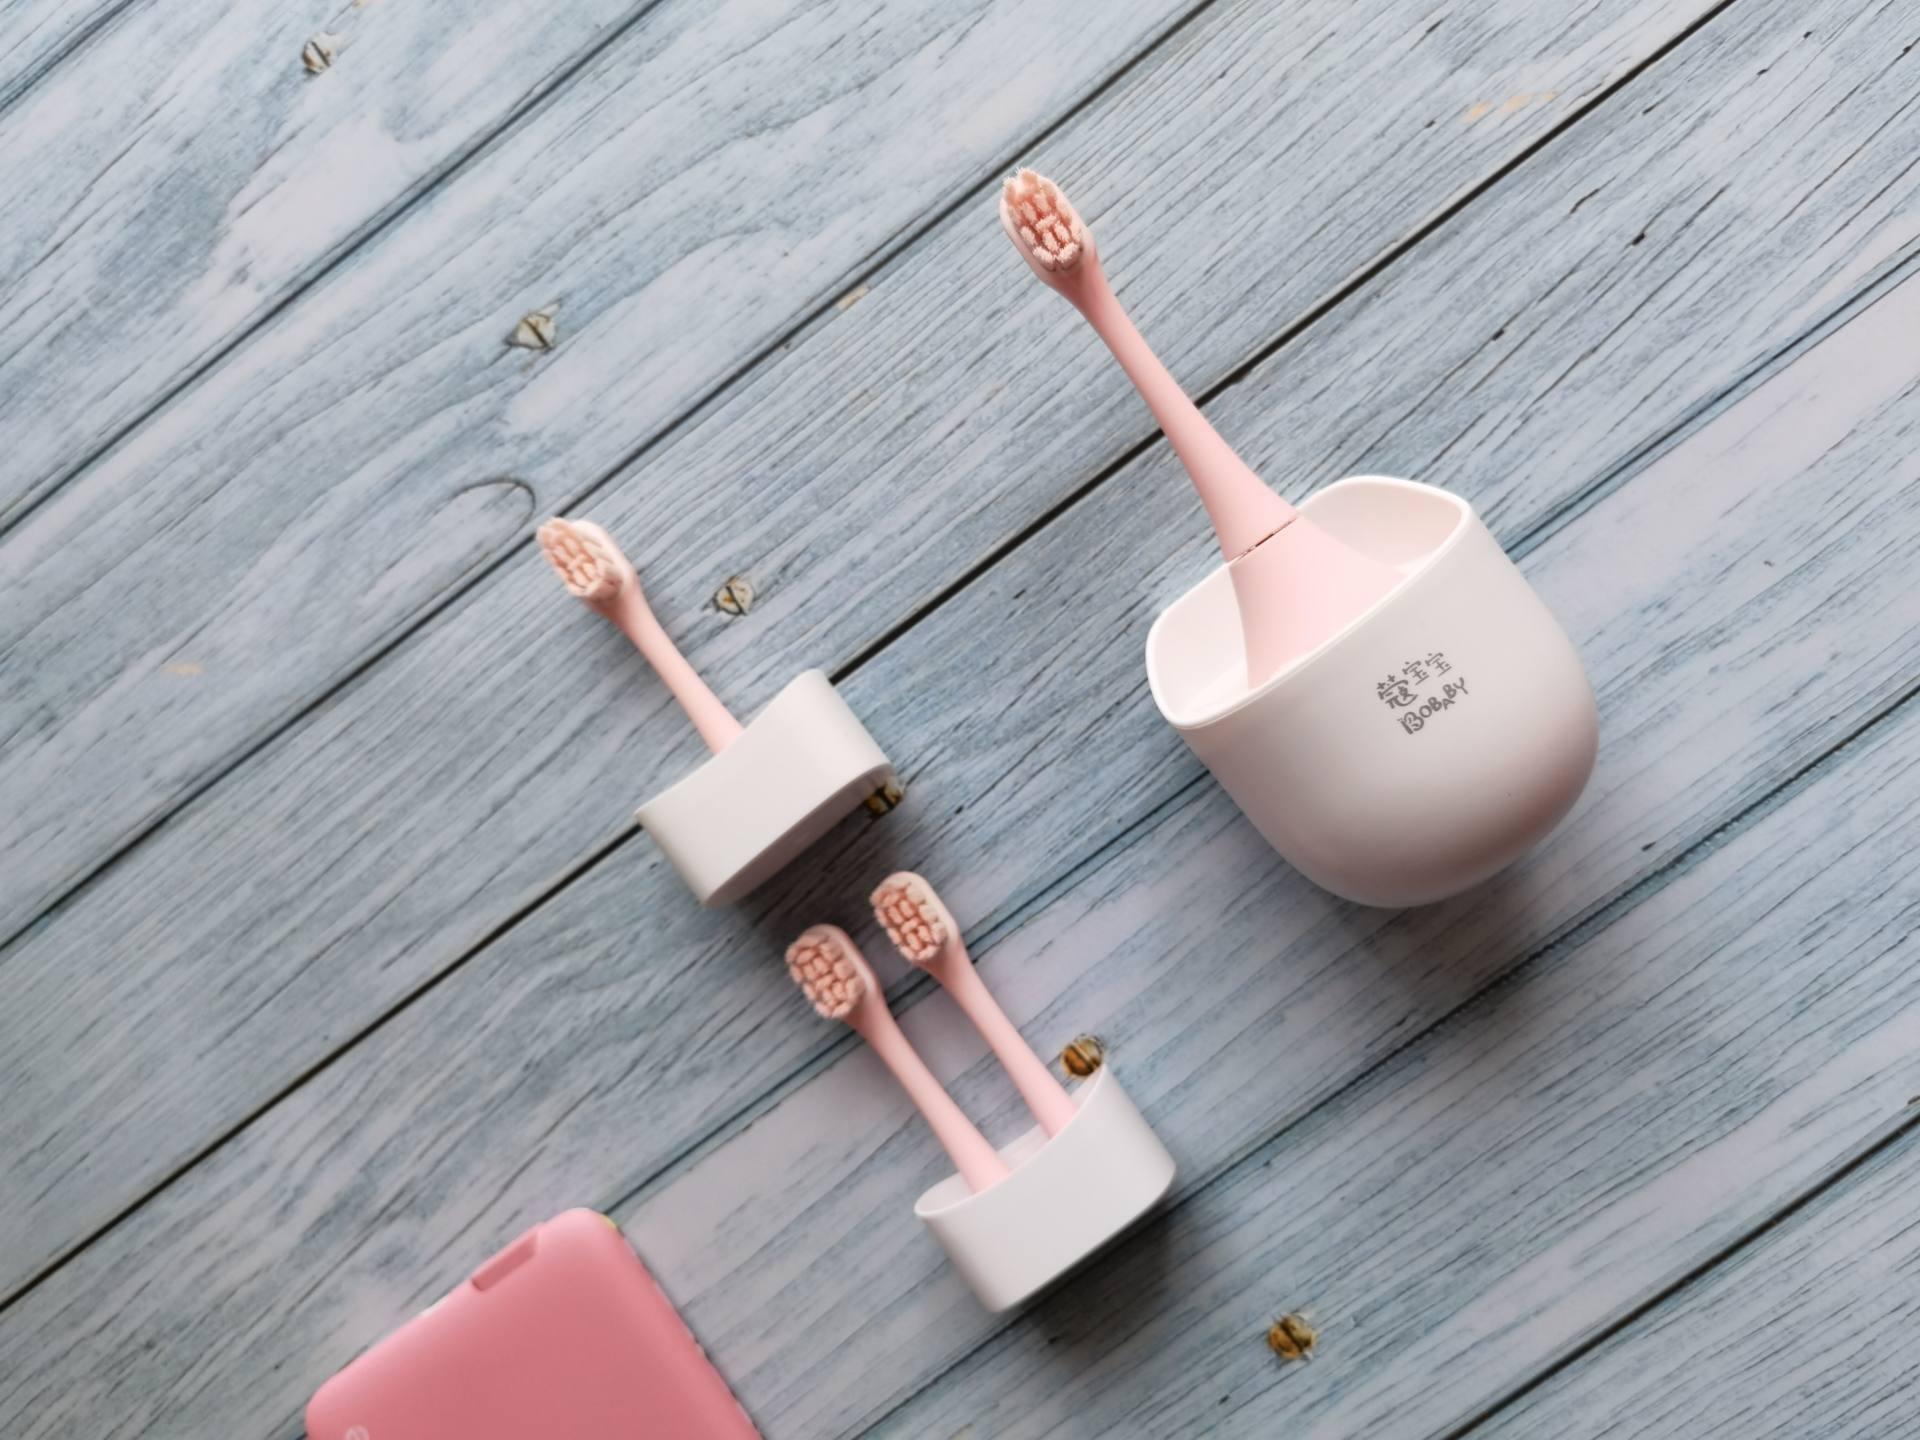 儿童电动牙刷怎么选?COMBO咸蛋超人联名款贴心呵护宝宝稚嫩牙齿